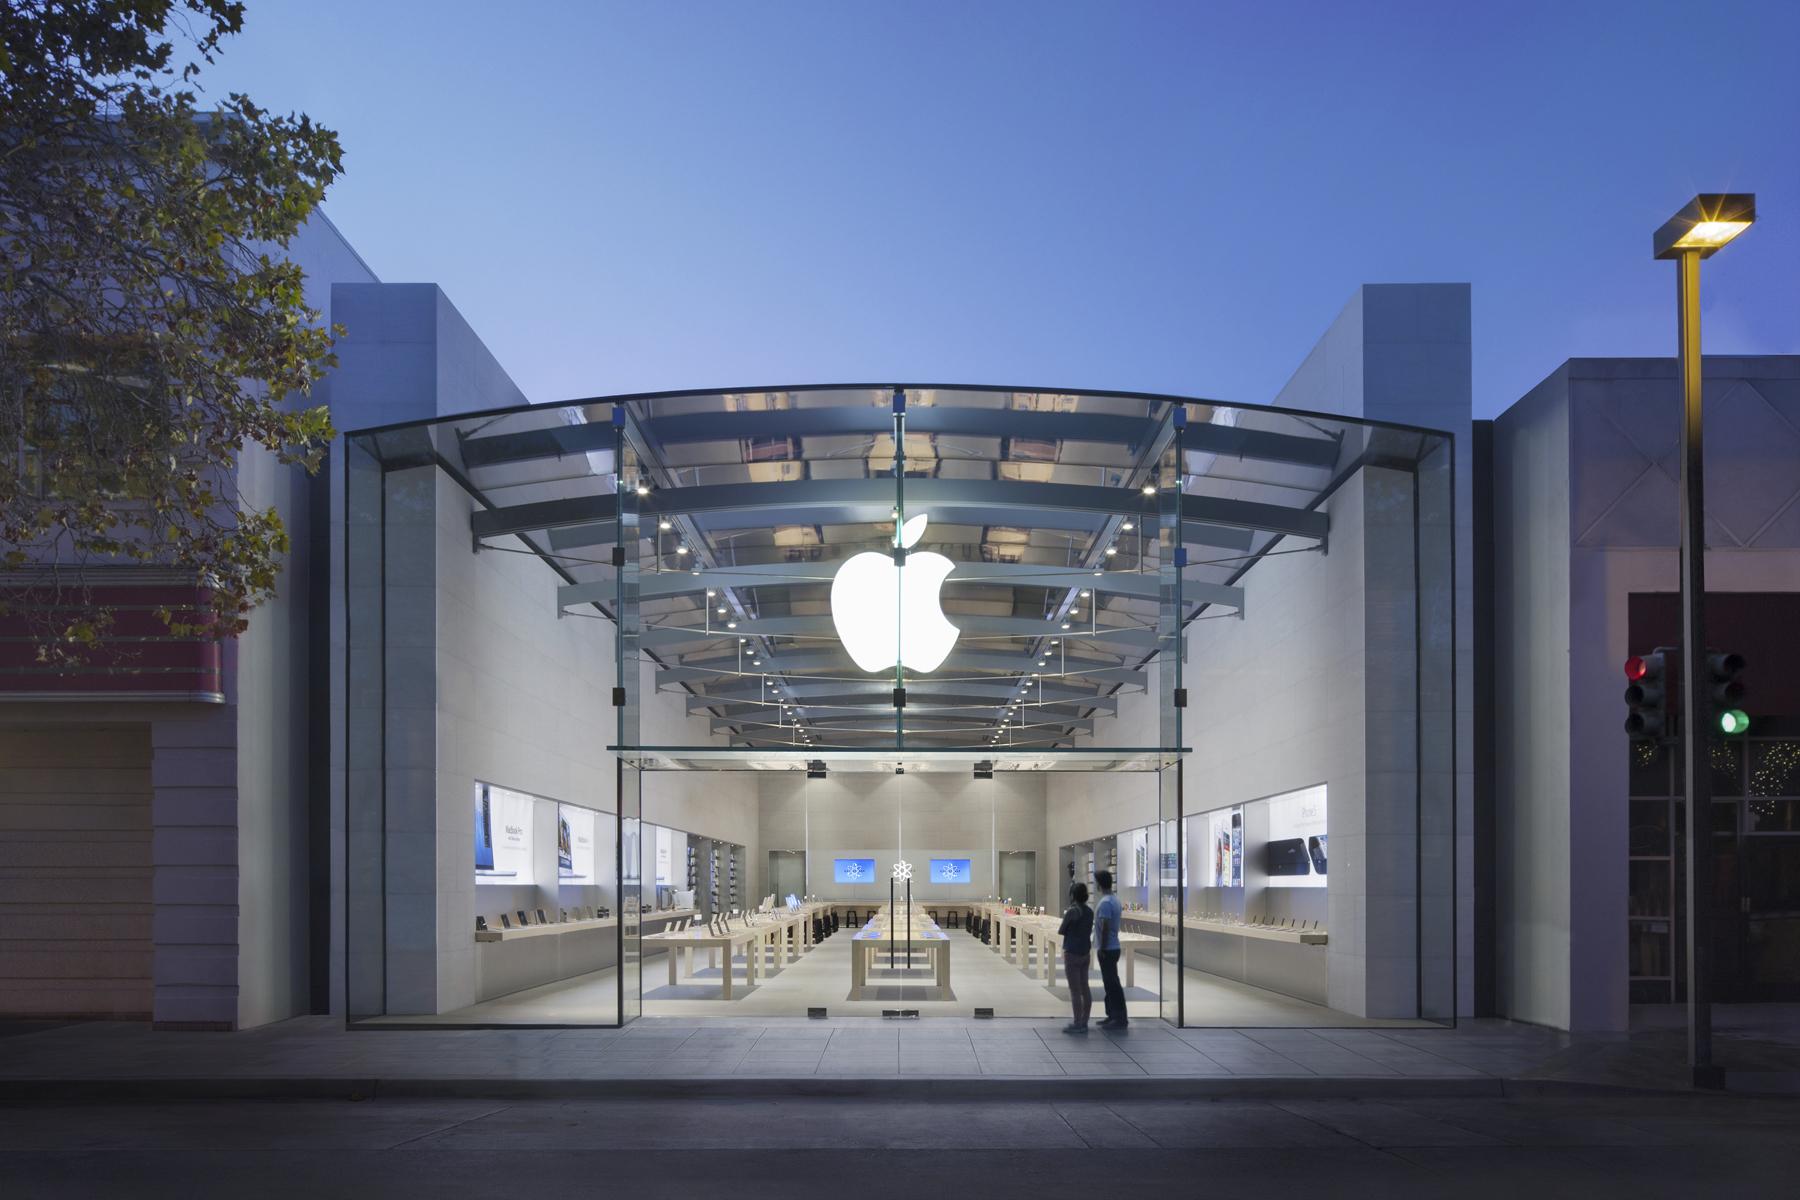 Apple Store in Palo Alto